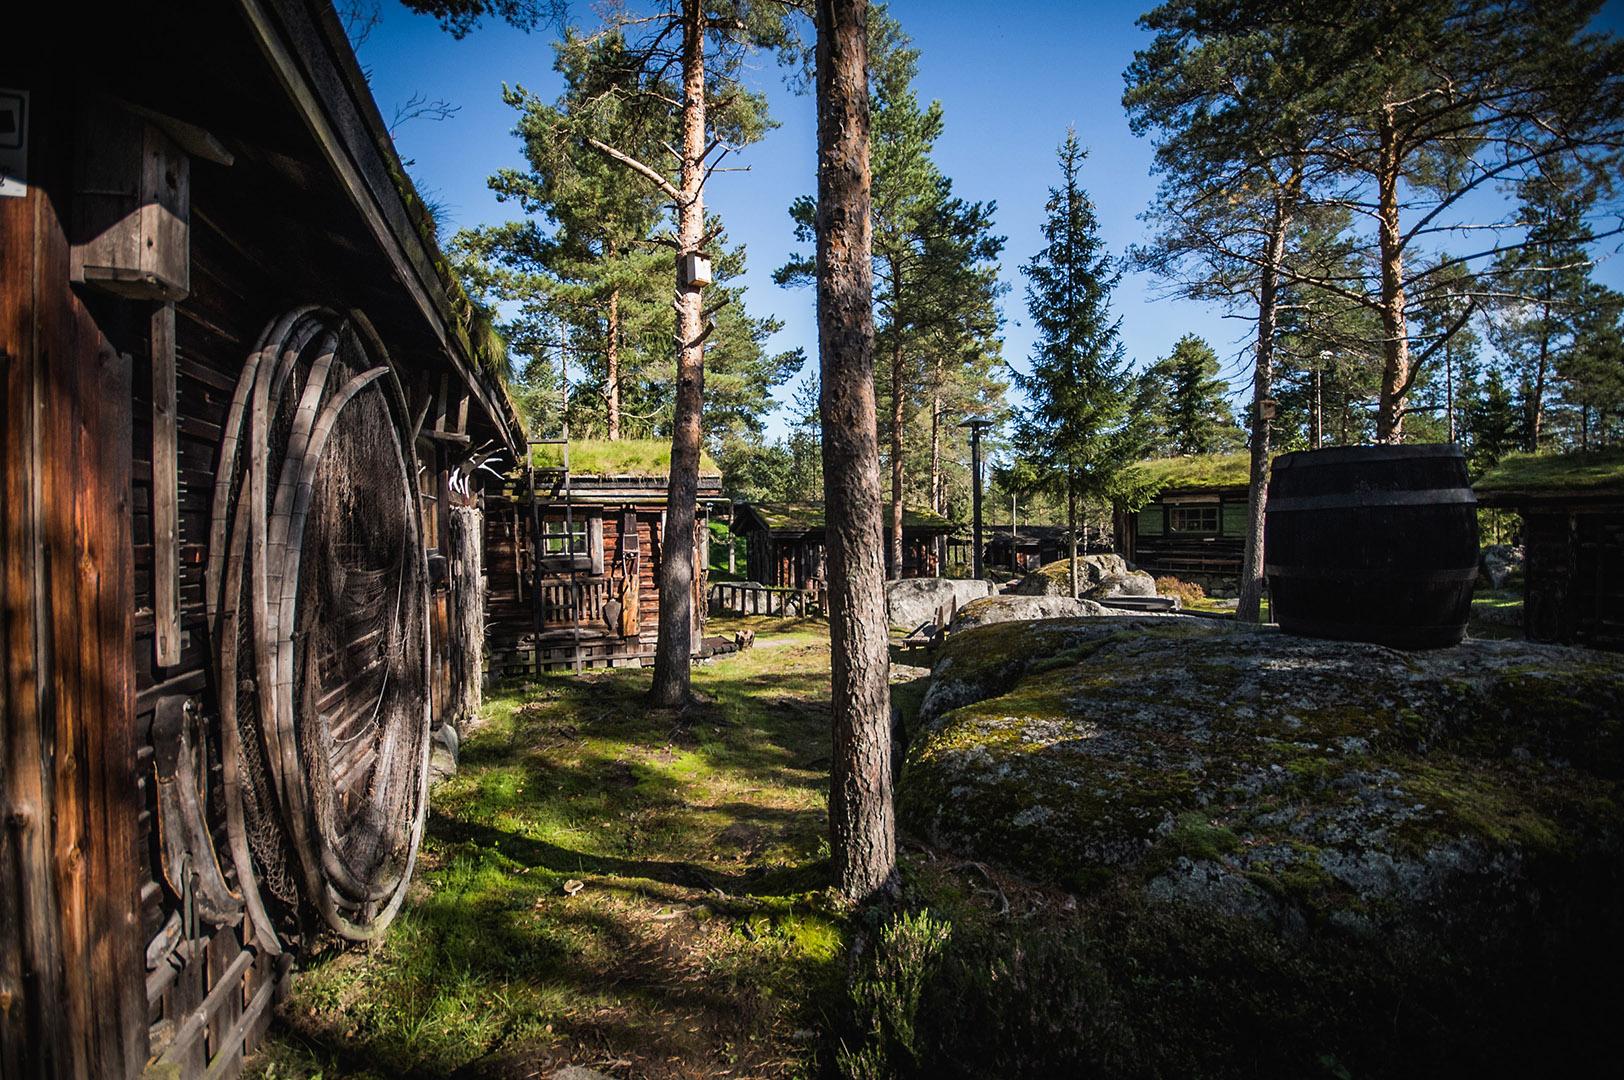 3_Visit Pietarsaari Seutu_3_Houses in Nanoq_Image Credit_ Elisa Karhula